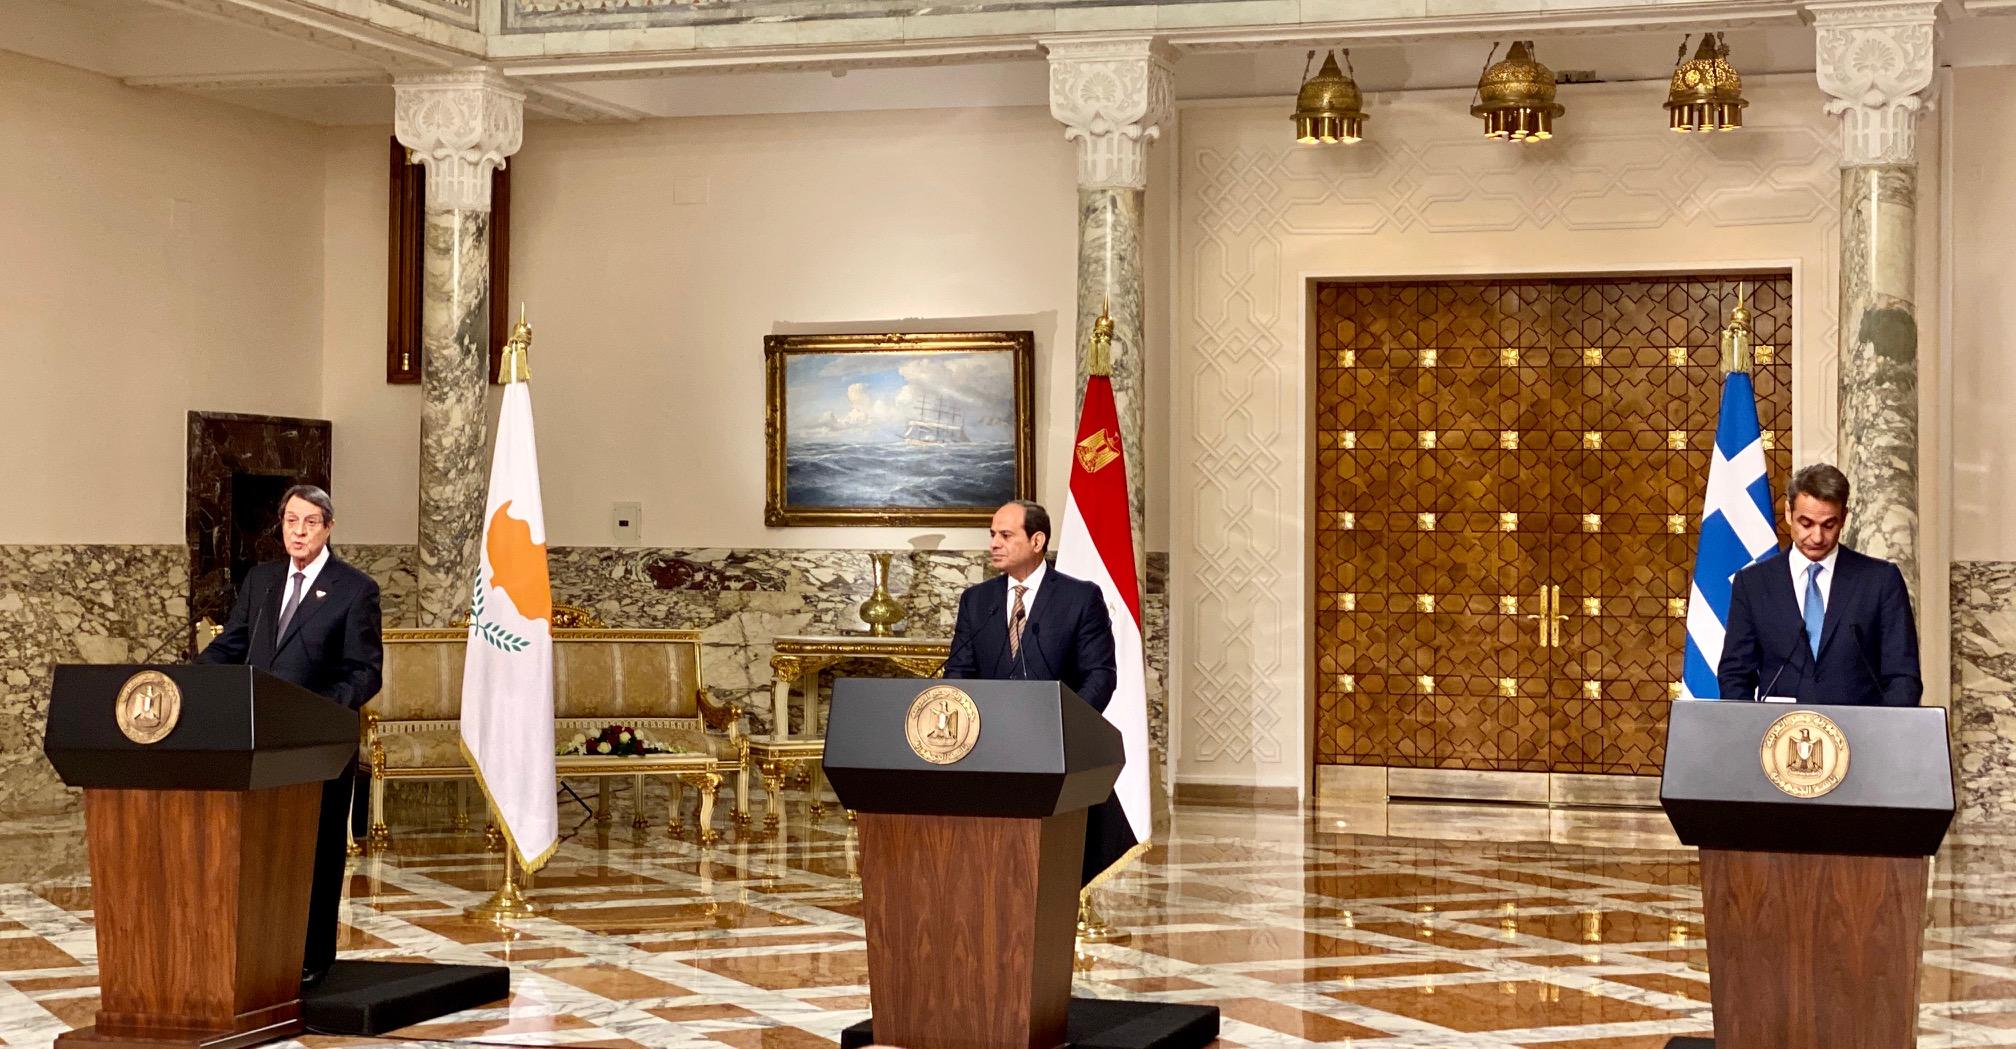 Πραγματοποιήθηκε στο Κάιρο η Τριμερής Σύνοδος Κορυφής Κύπρου – Ελλάδας – Αιγύπτου